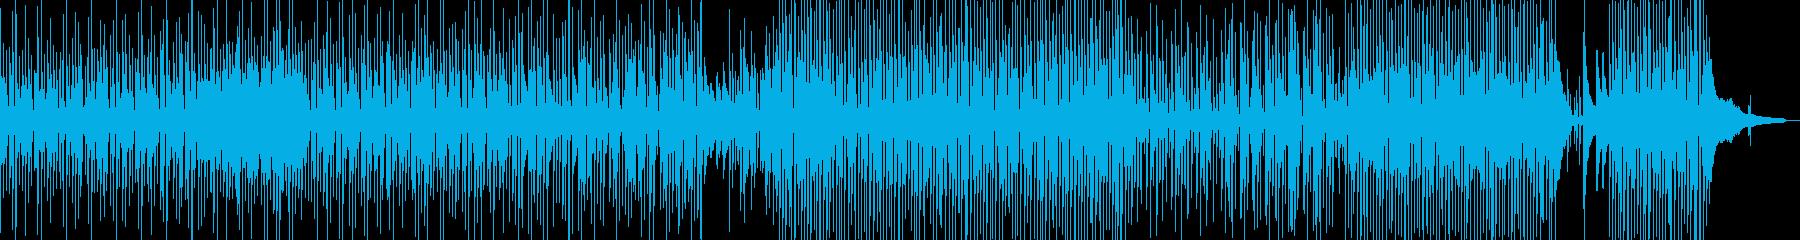 まったり→軽快・ほのぼの作品に ★の再生済みの波形